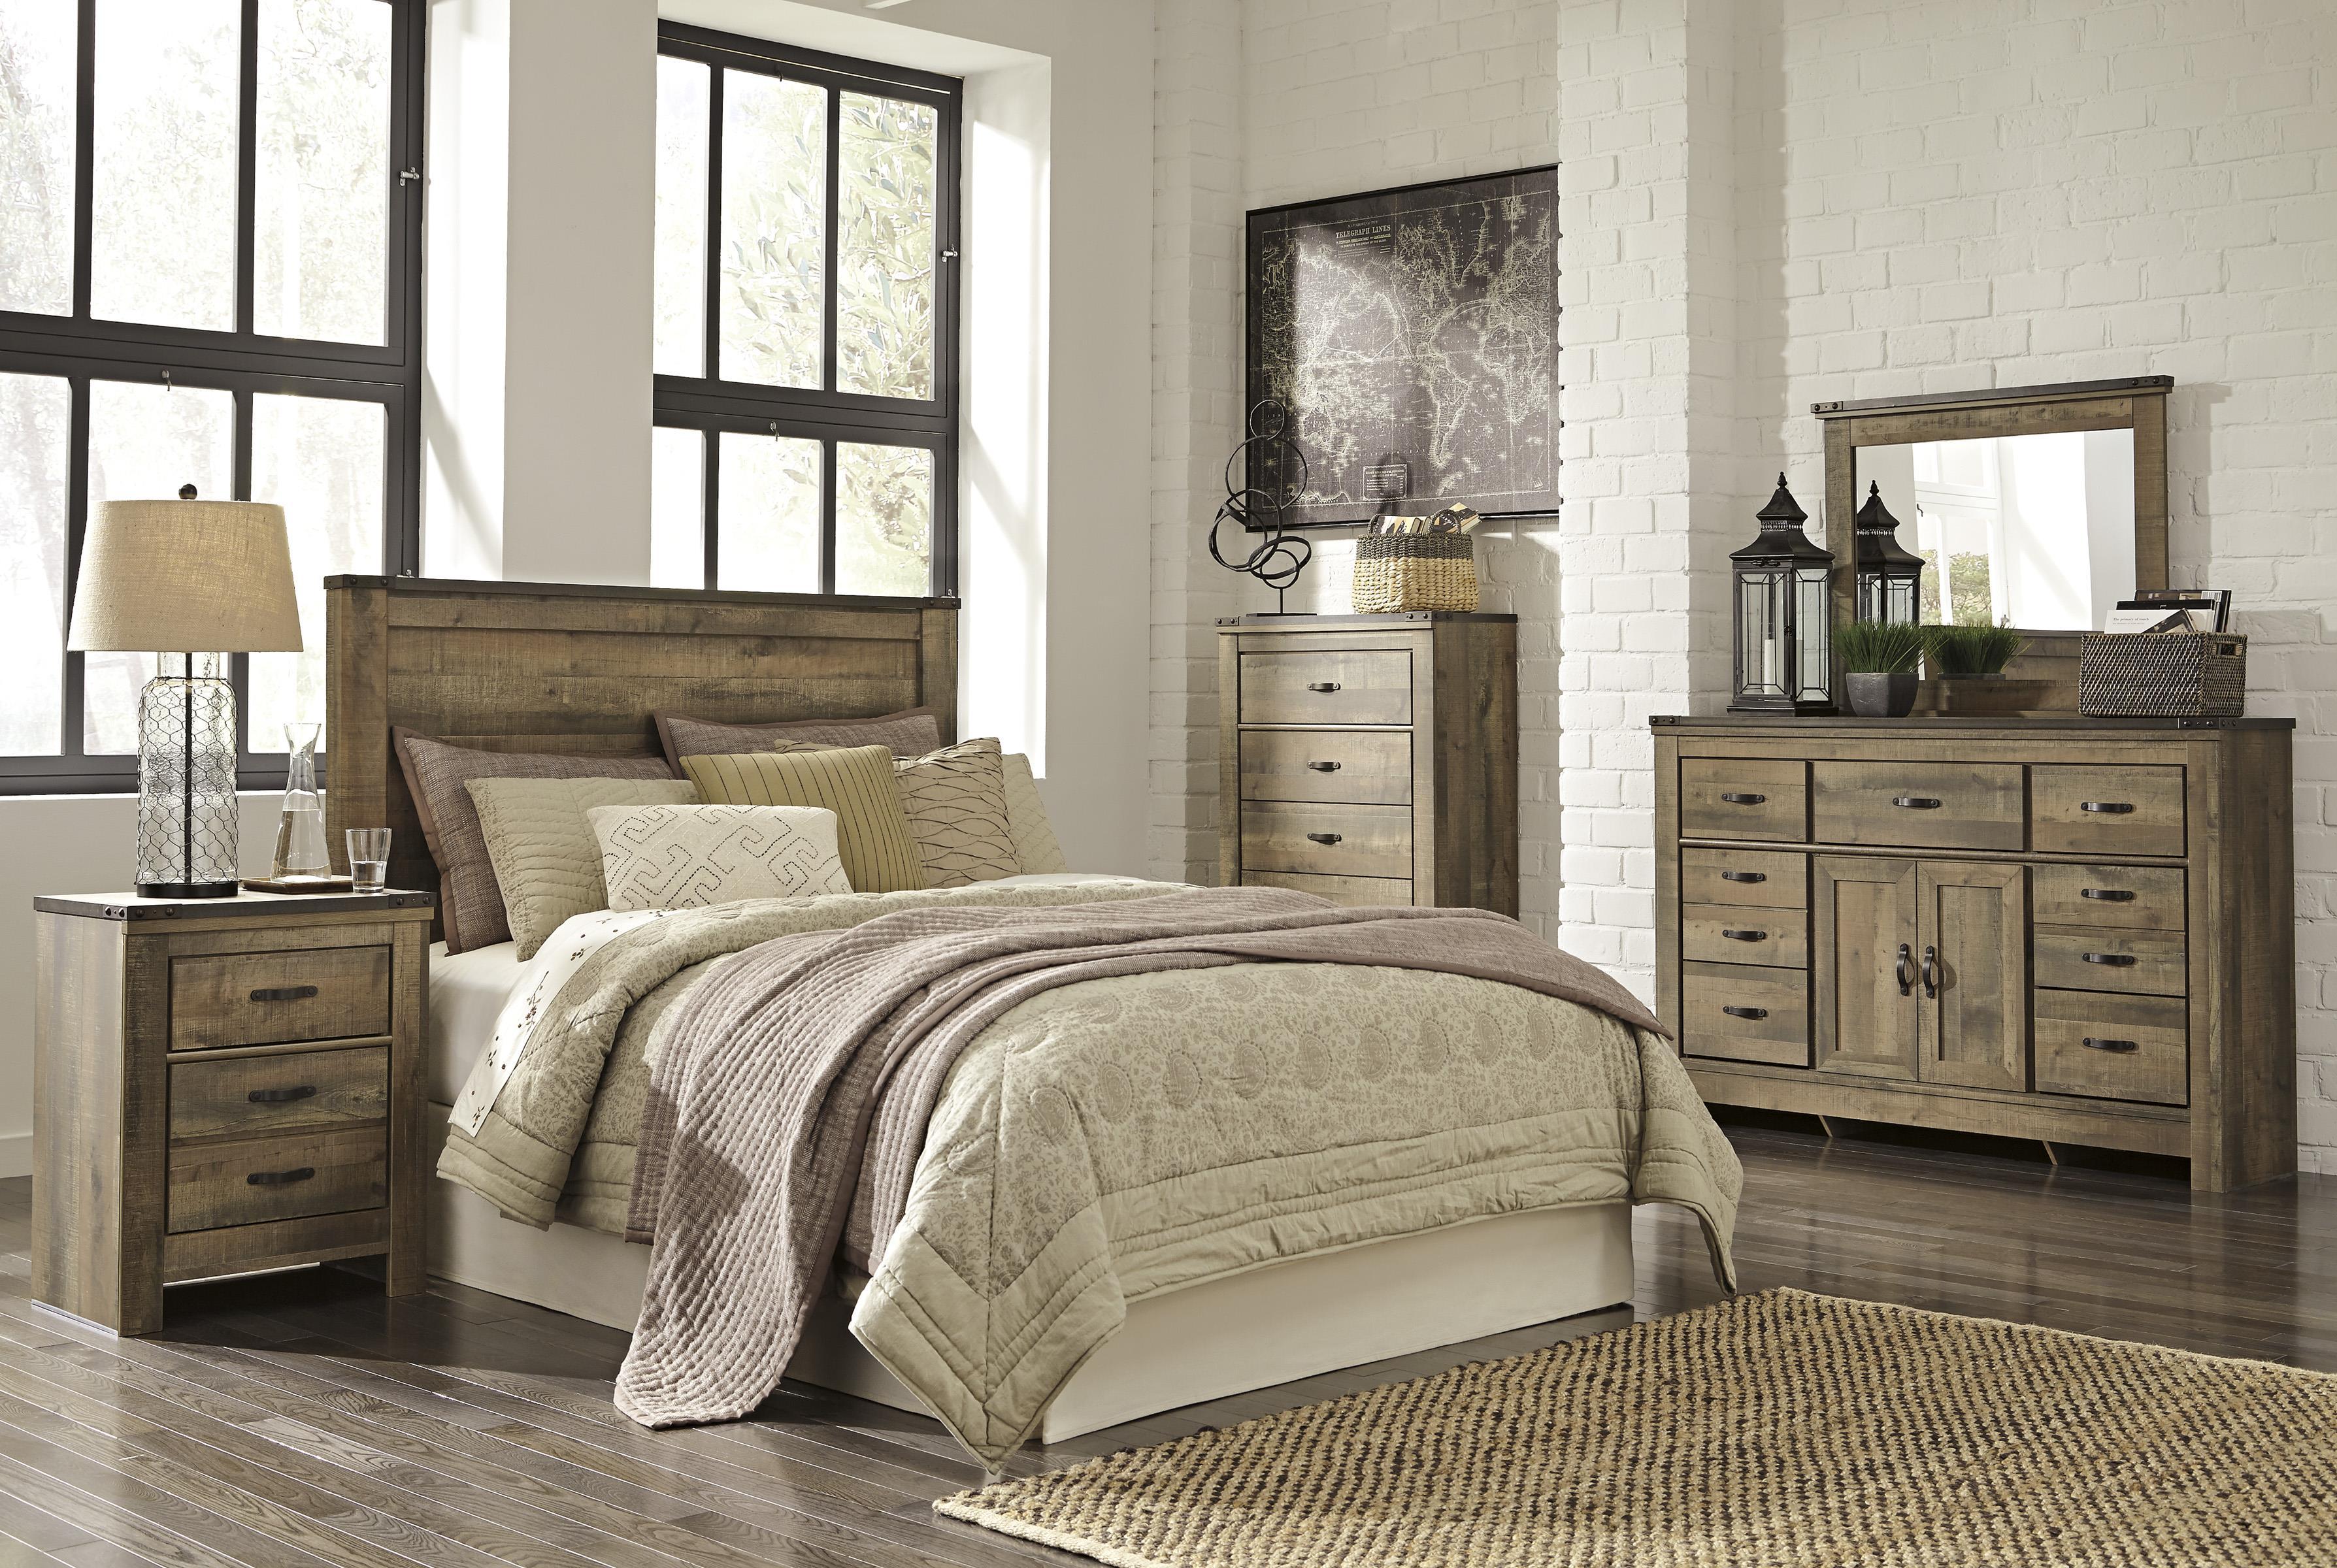 Queen Bedroom Sets Clearance